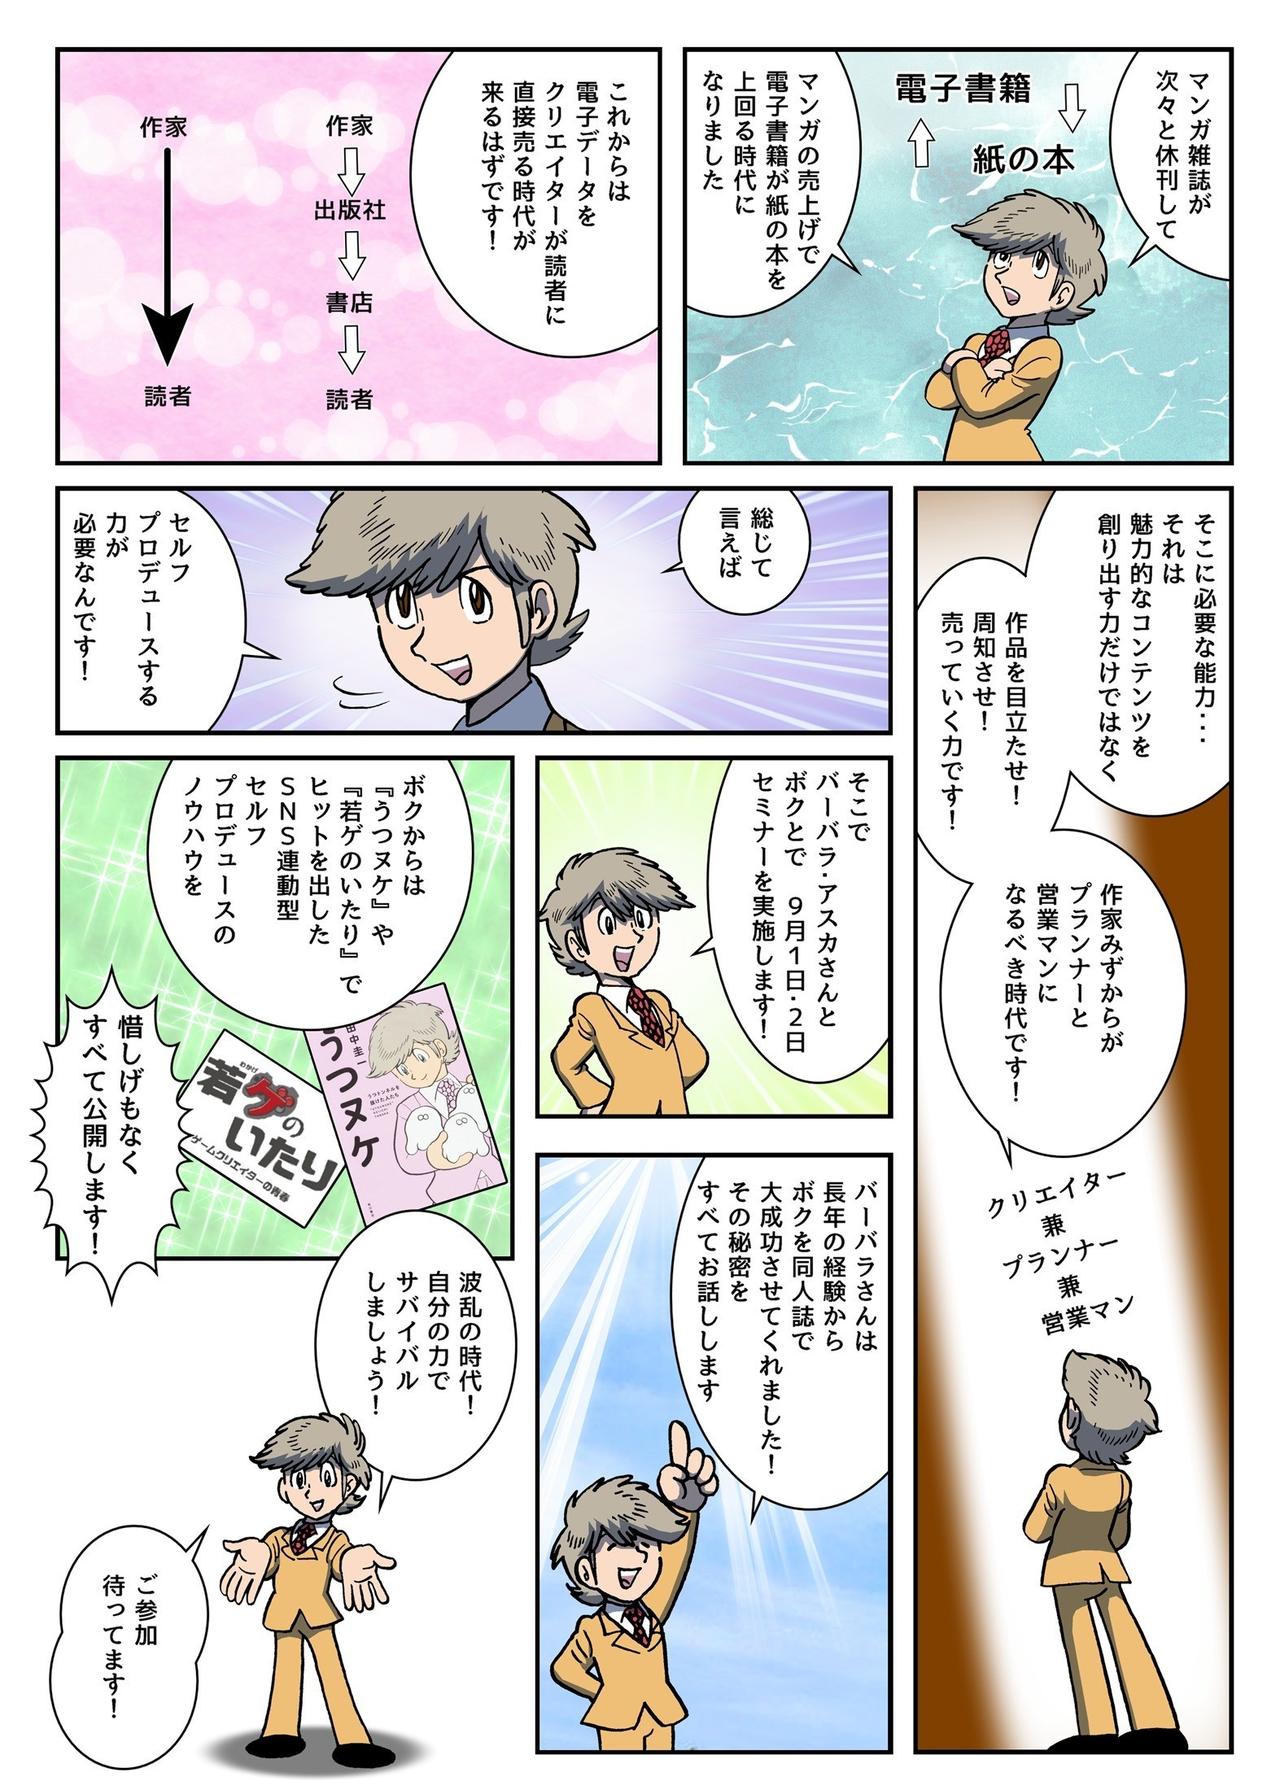 告知マンガ_完成_001